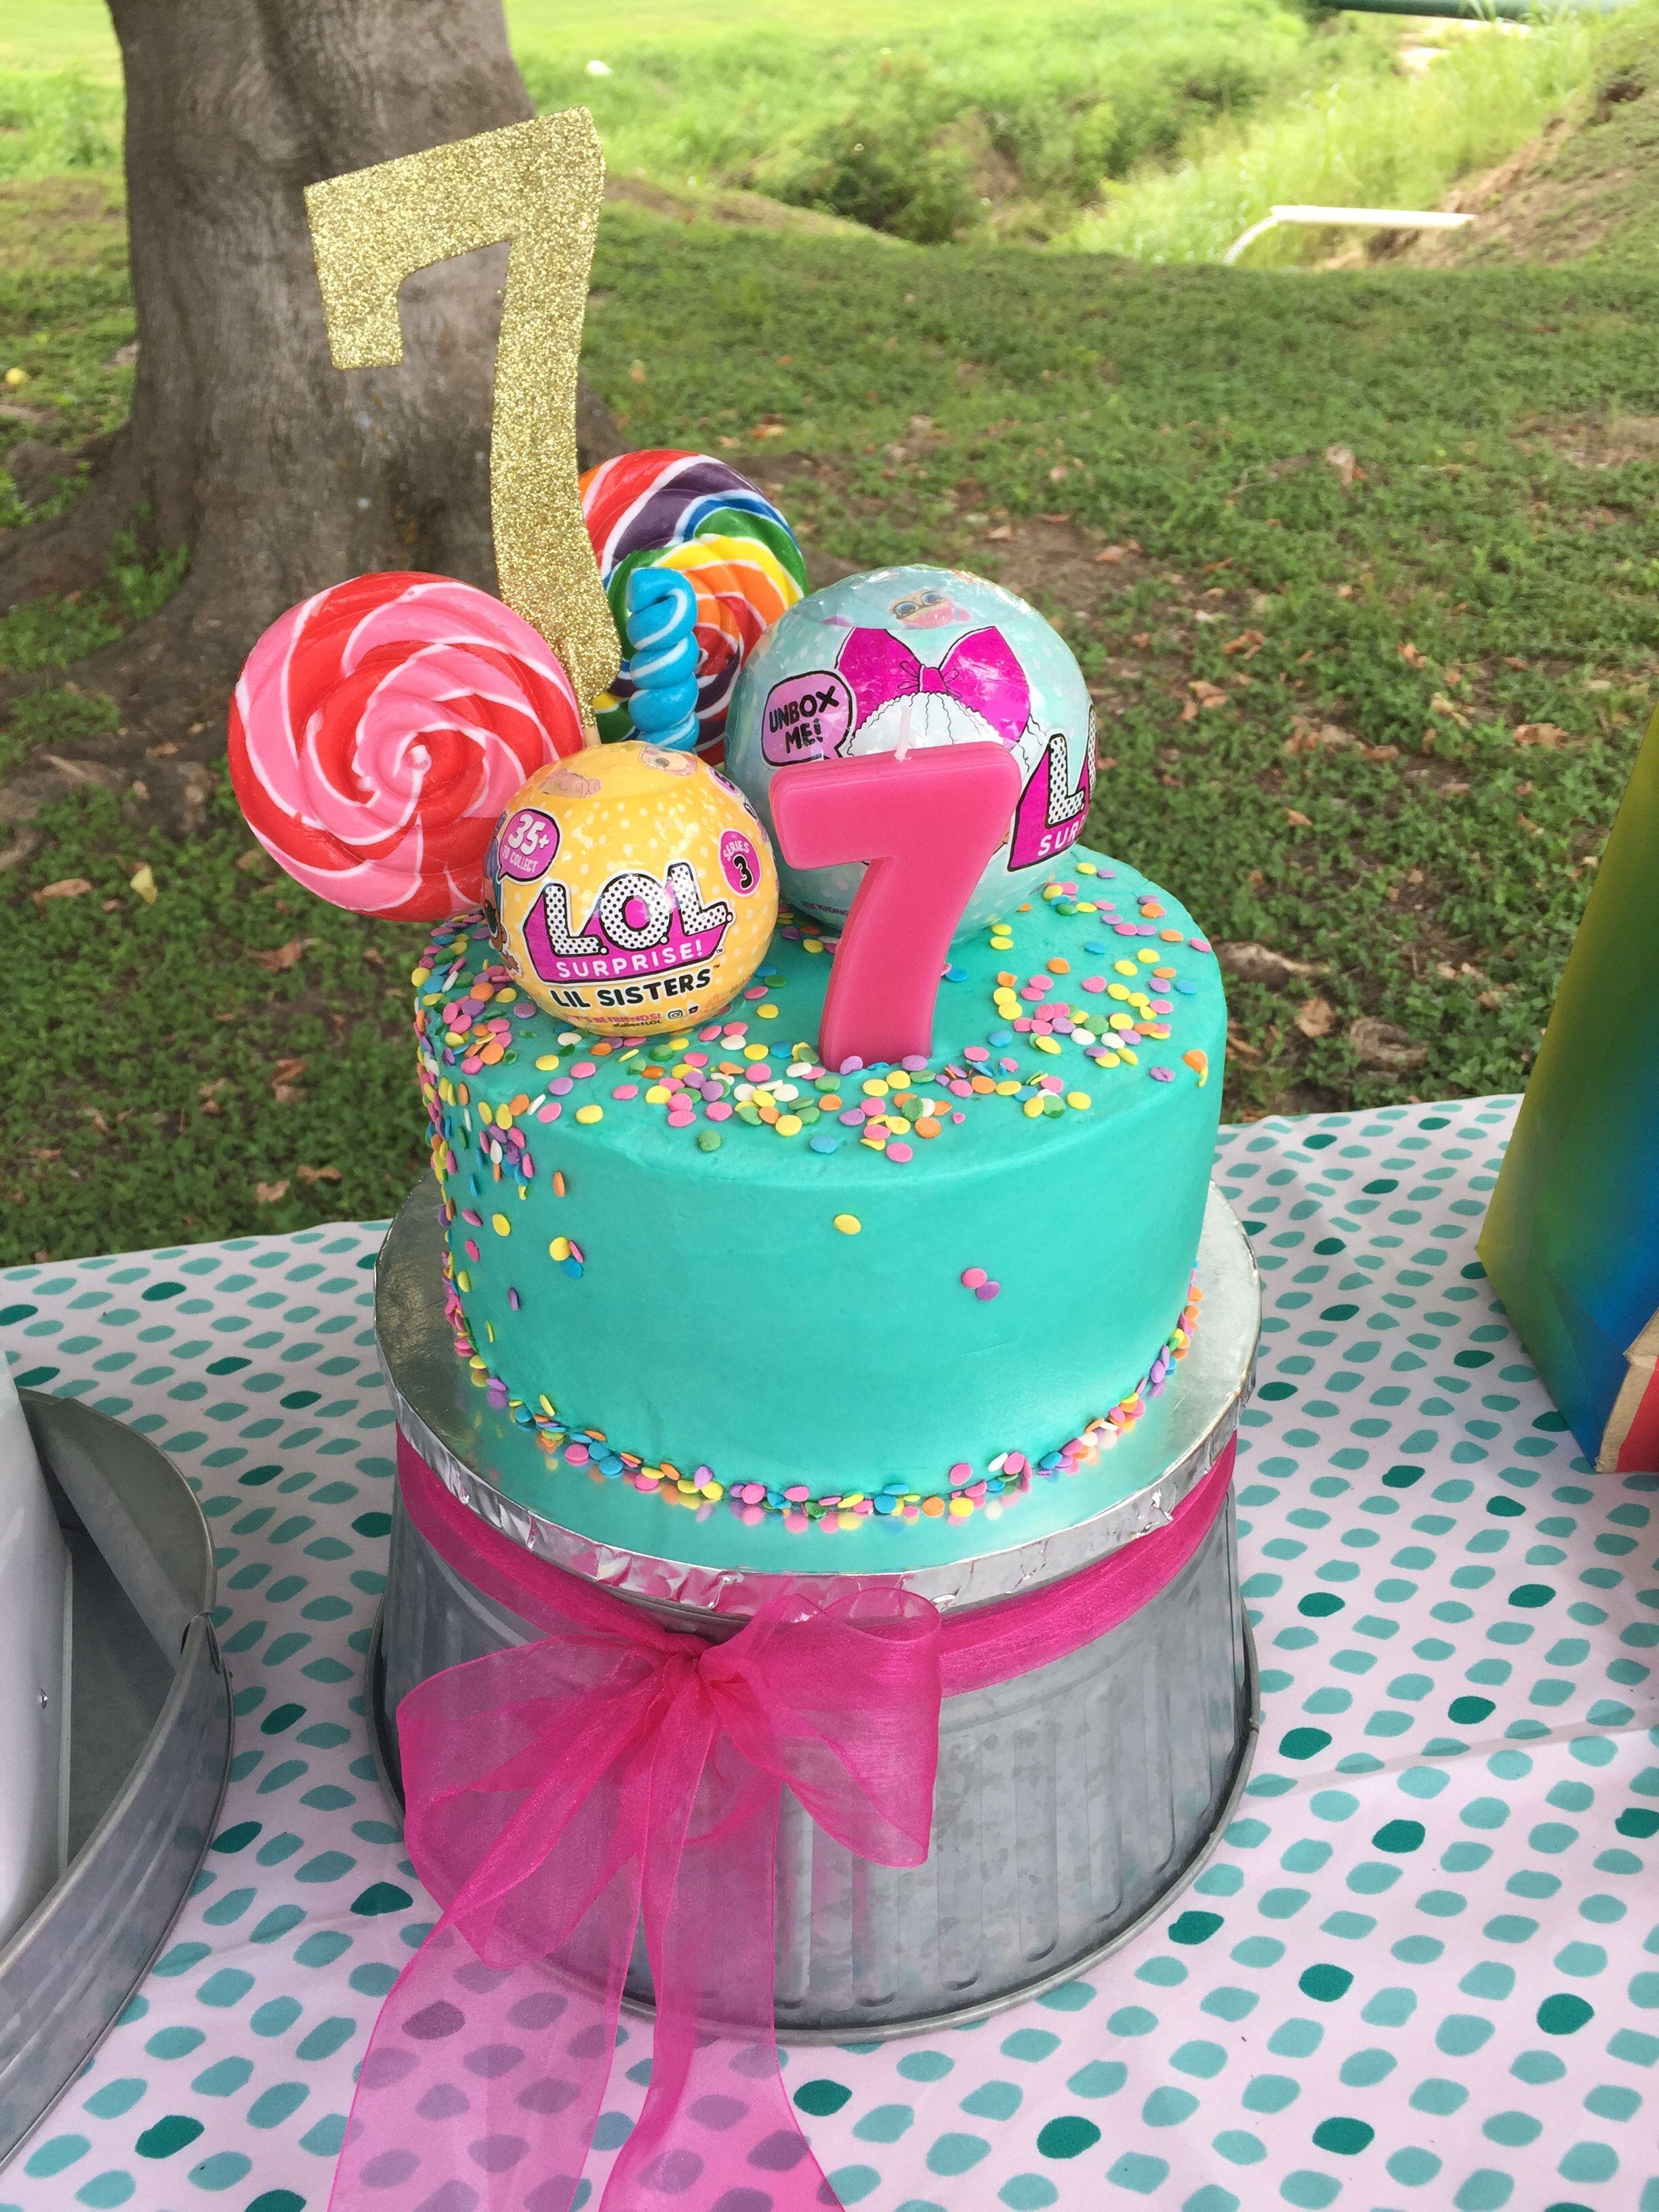 Lol doll birthday cake doll birthday cake funny